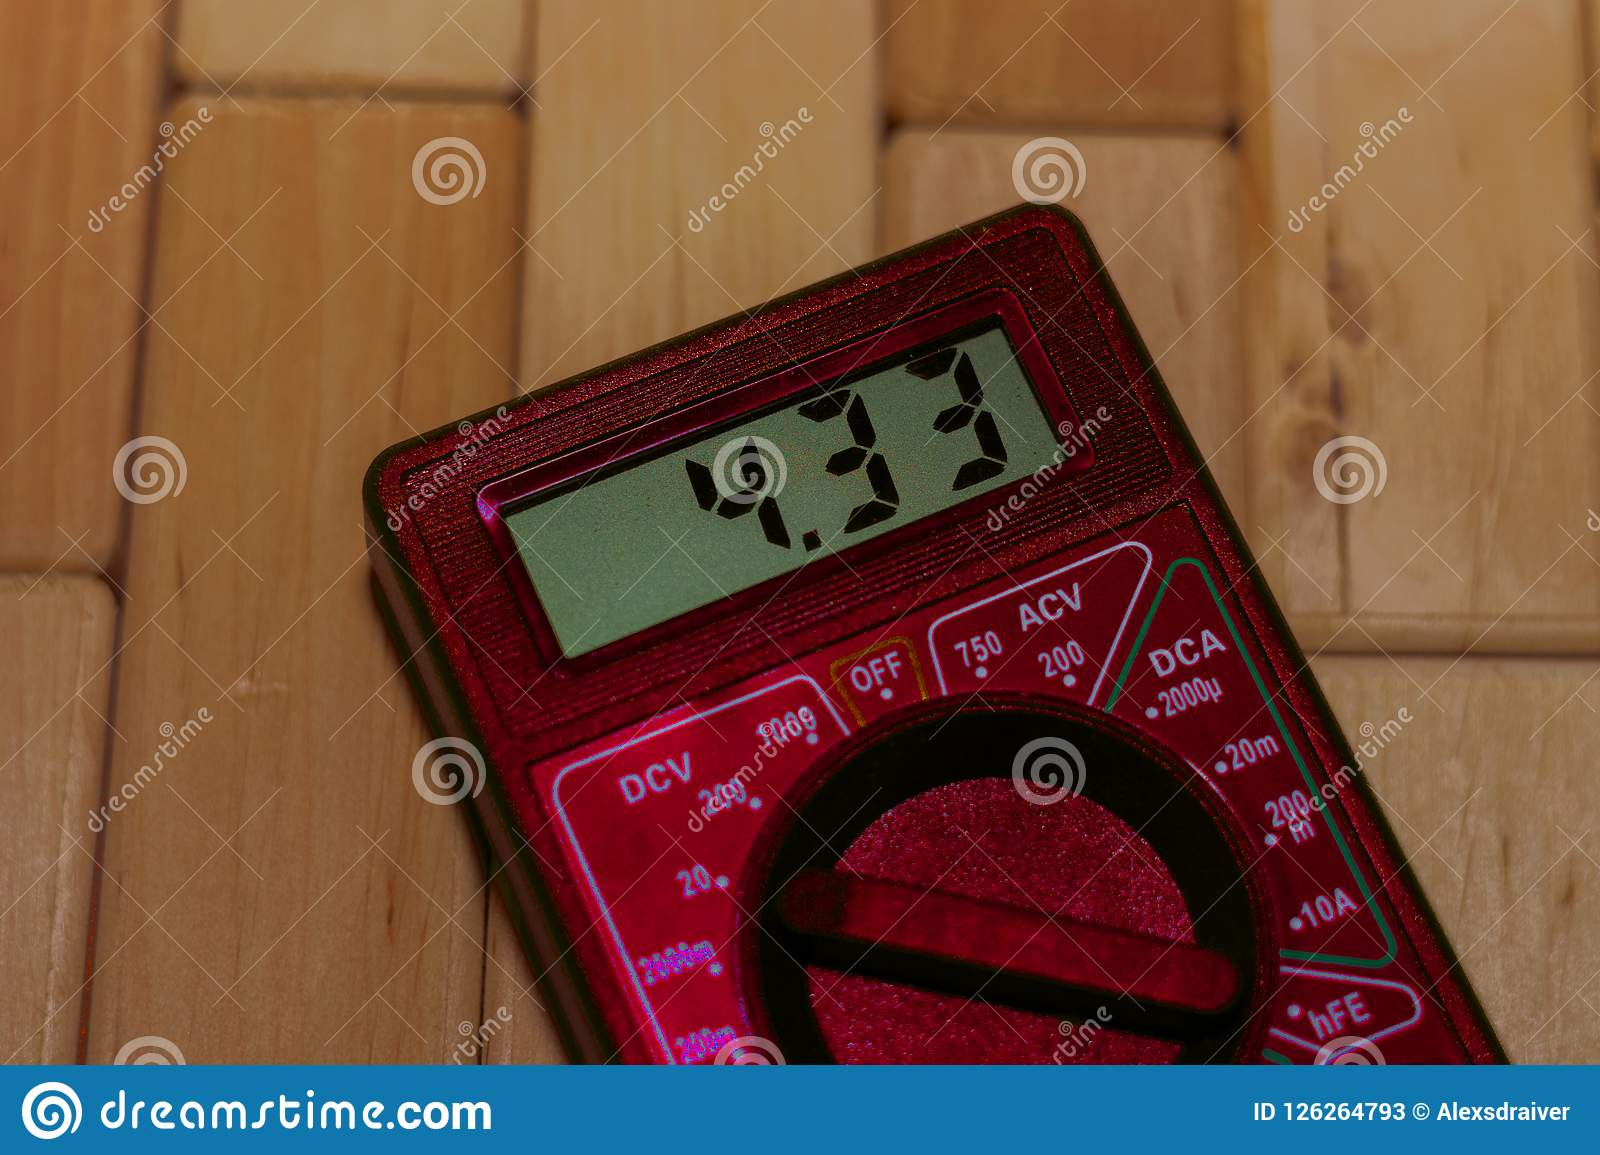 Κόκκινο ψηφιακό μετρώντας πολύμετρο στο ξύλινο πάτωμα Παρουσιάζει 4 33V ή πλήρως φορτισμένη μπαταρία Περιλαμβάνει το βολτόμετρο,